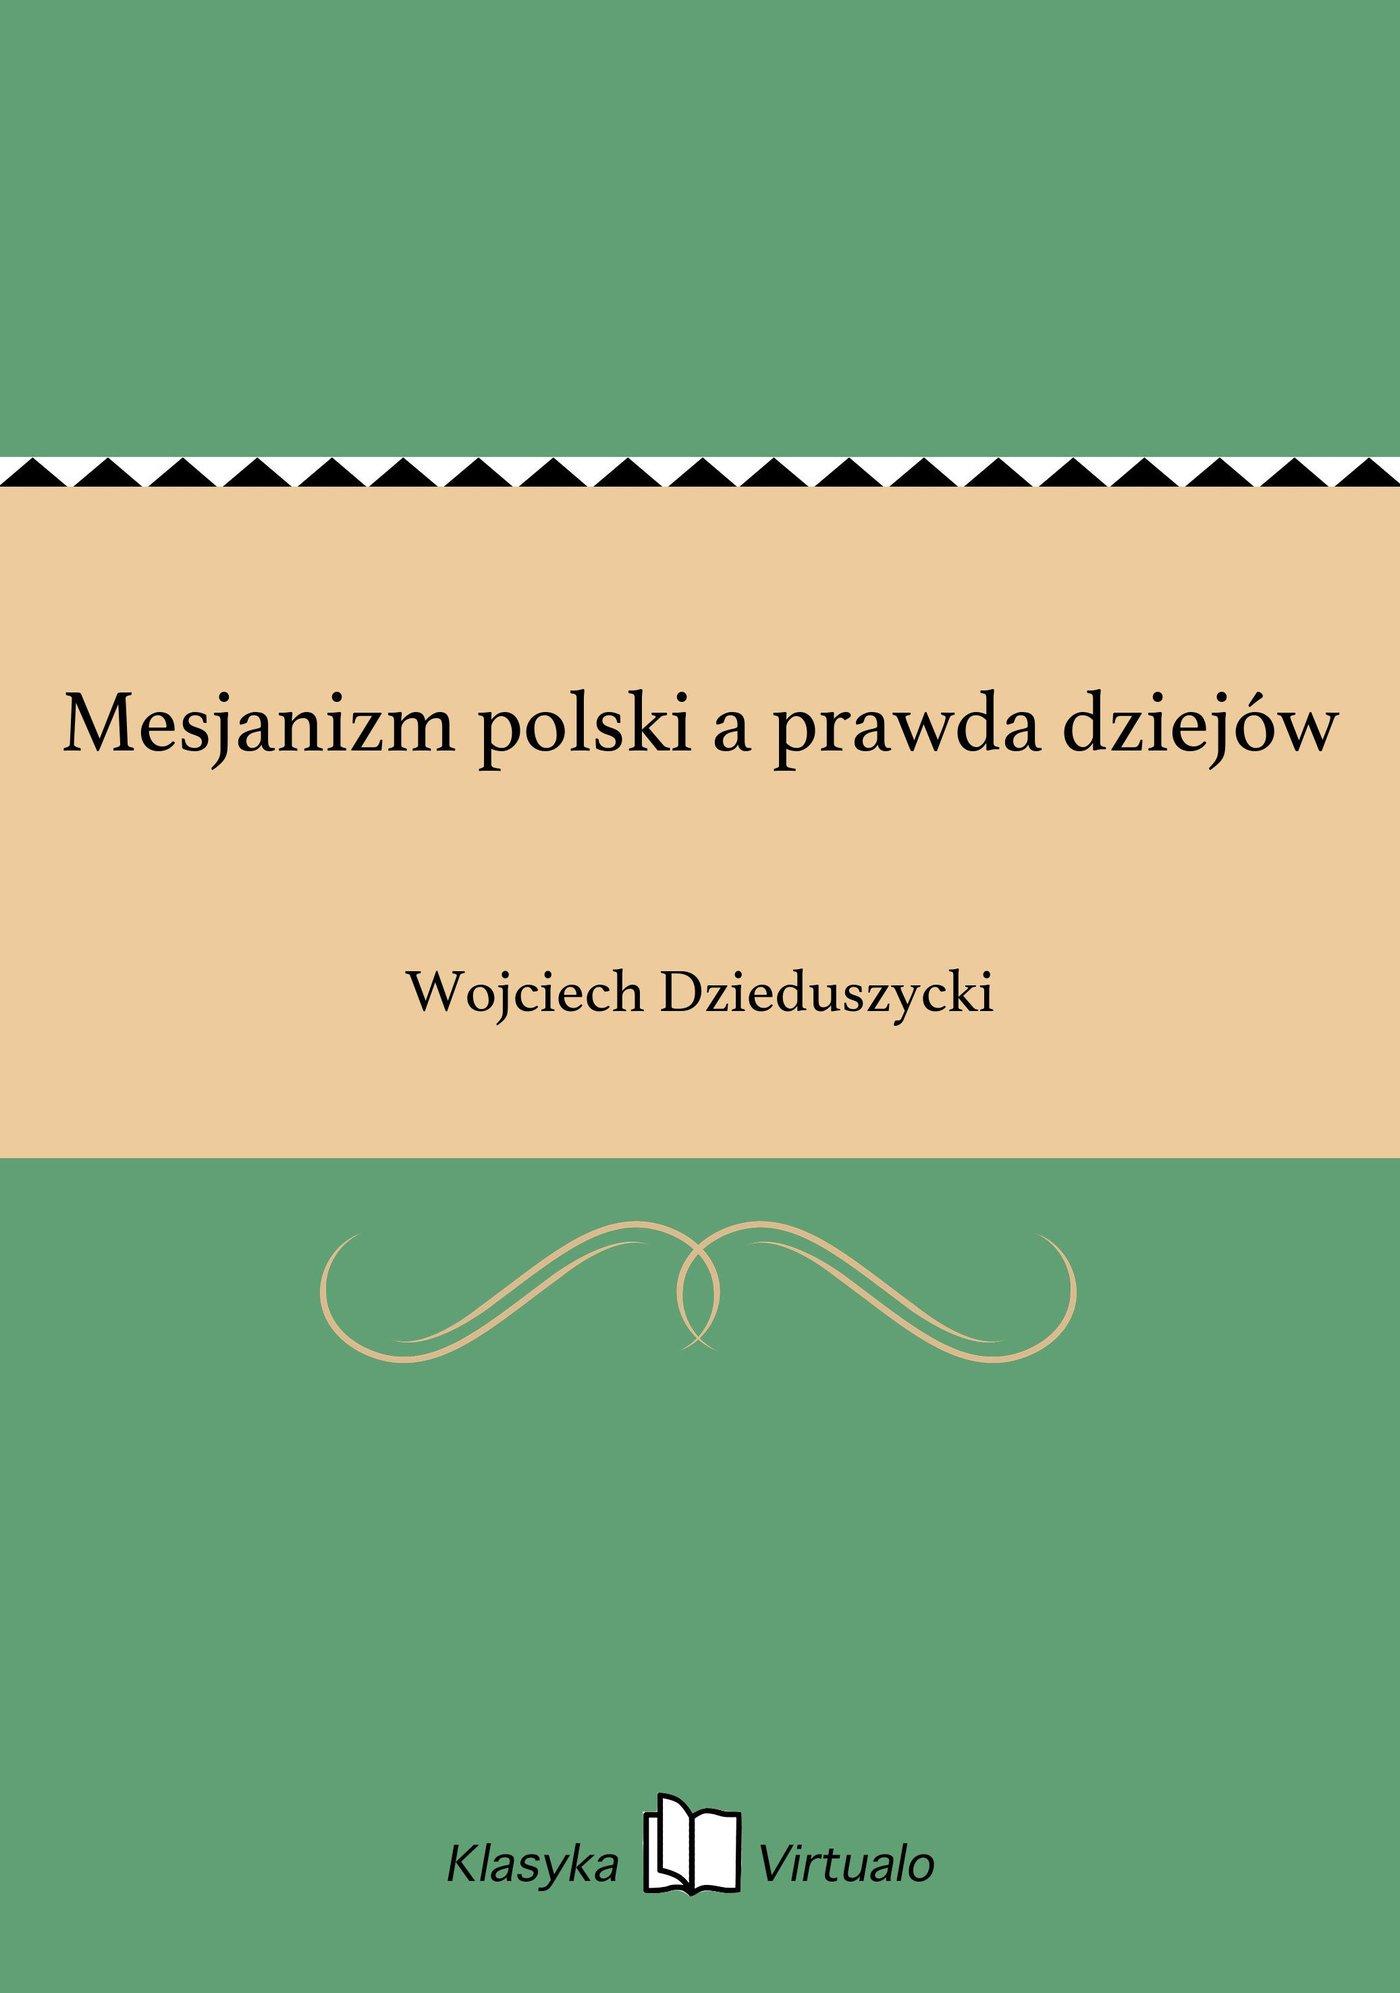 Mesjanizm polski a prawda dziejów - Ebook (Książka na Kindle) do pobrania w formacie MOBI